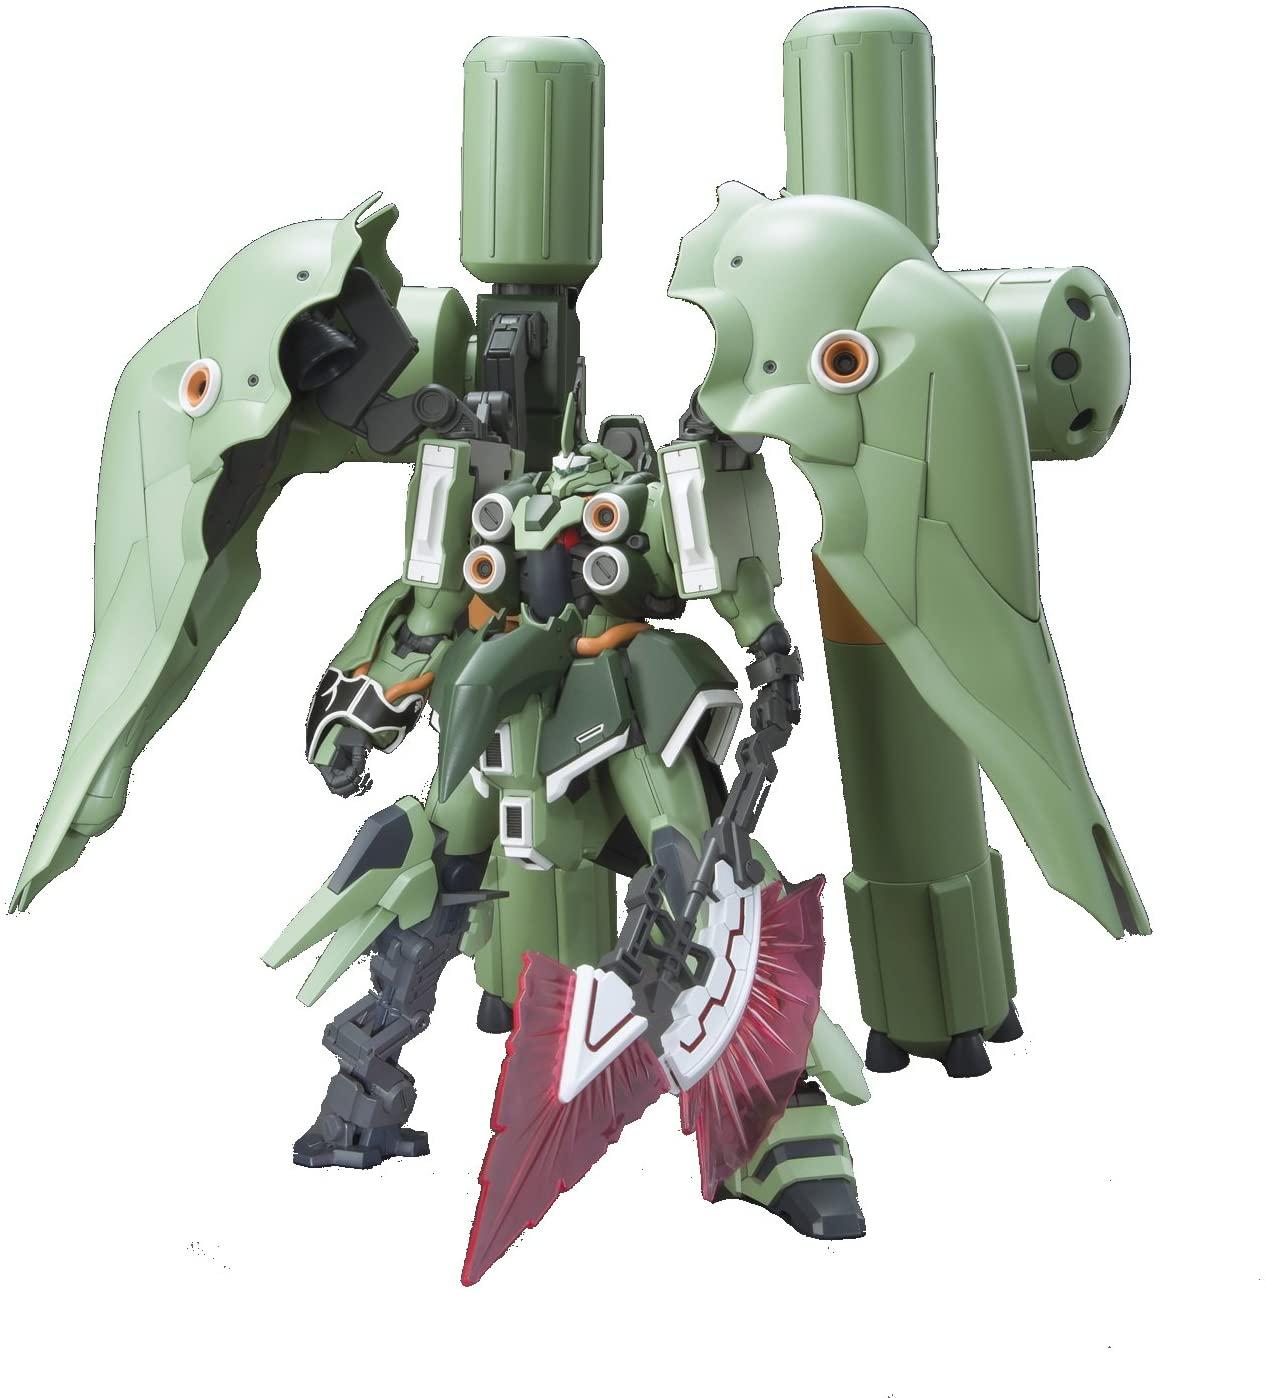 Bandai Hobby HGUC #179 Kshatriya Repaired Gundam UC Model Kit (1/144 Scale)